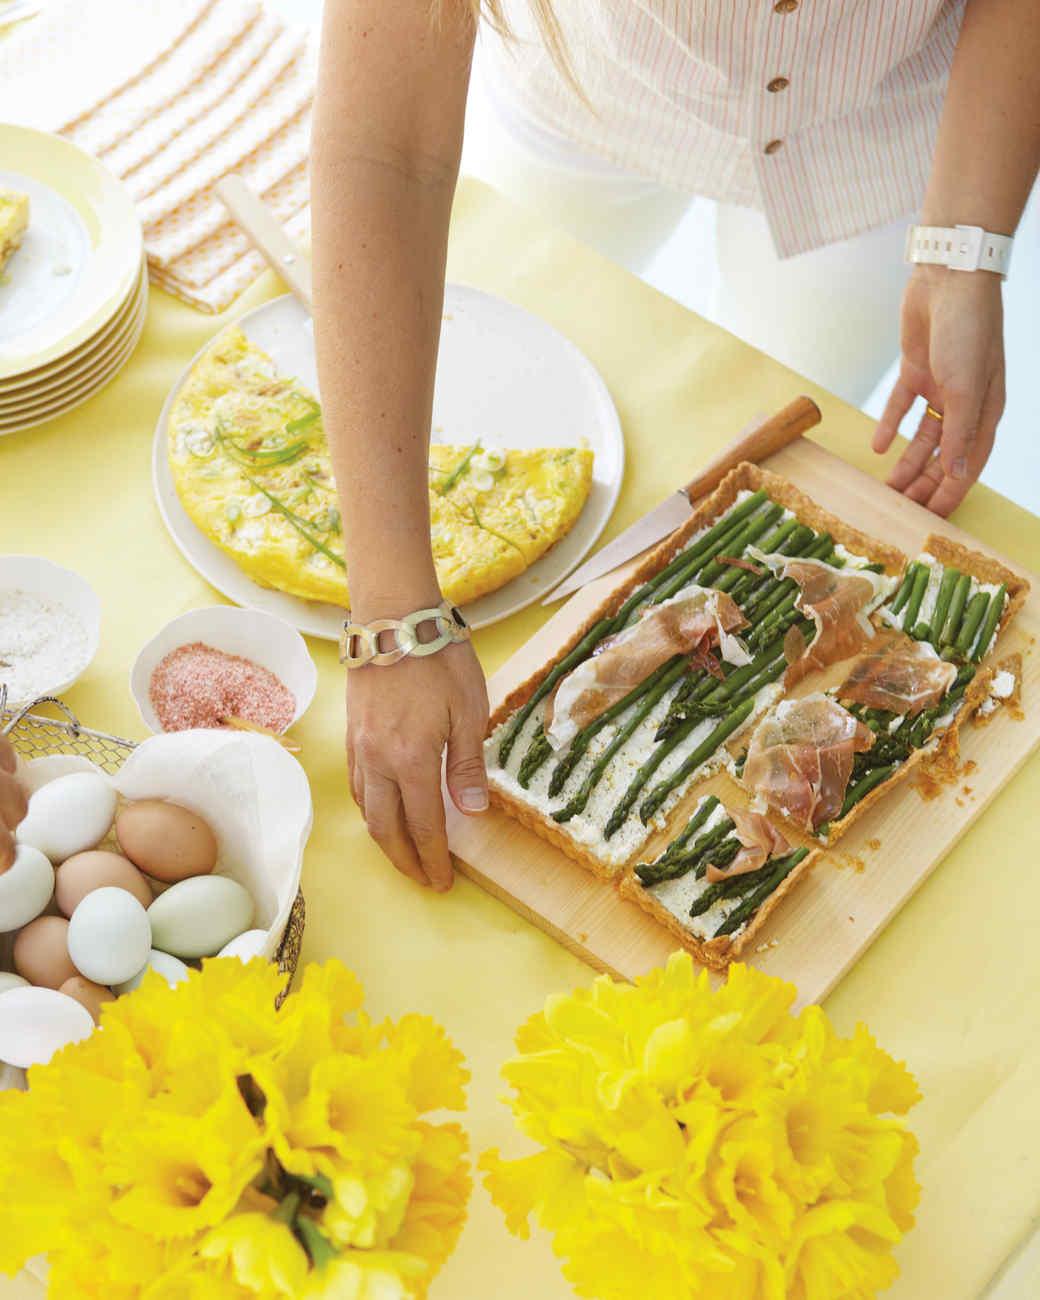 mld105925_0411_egghunt_519_asparagus.jpg